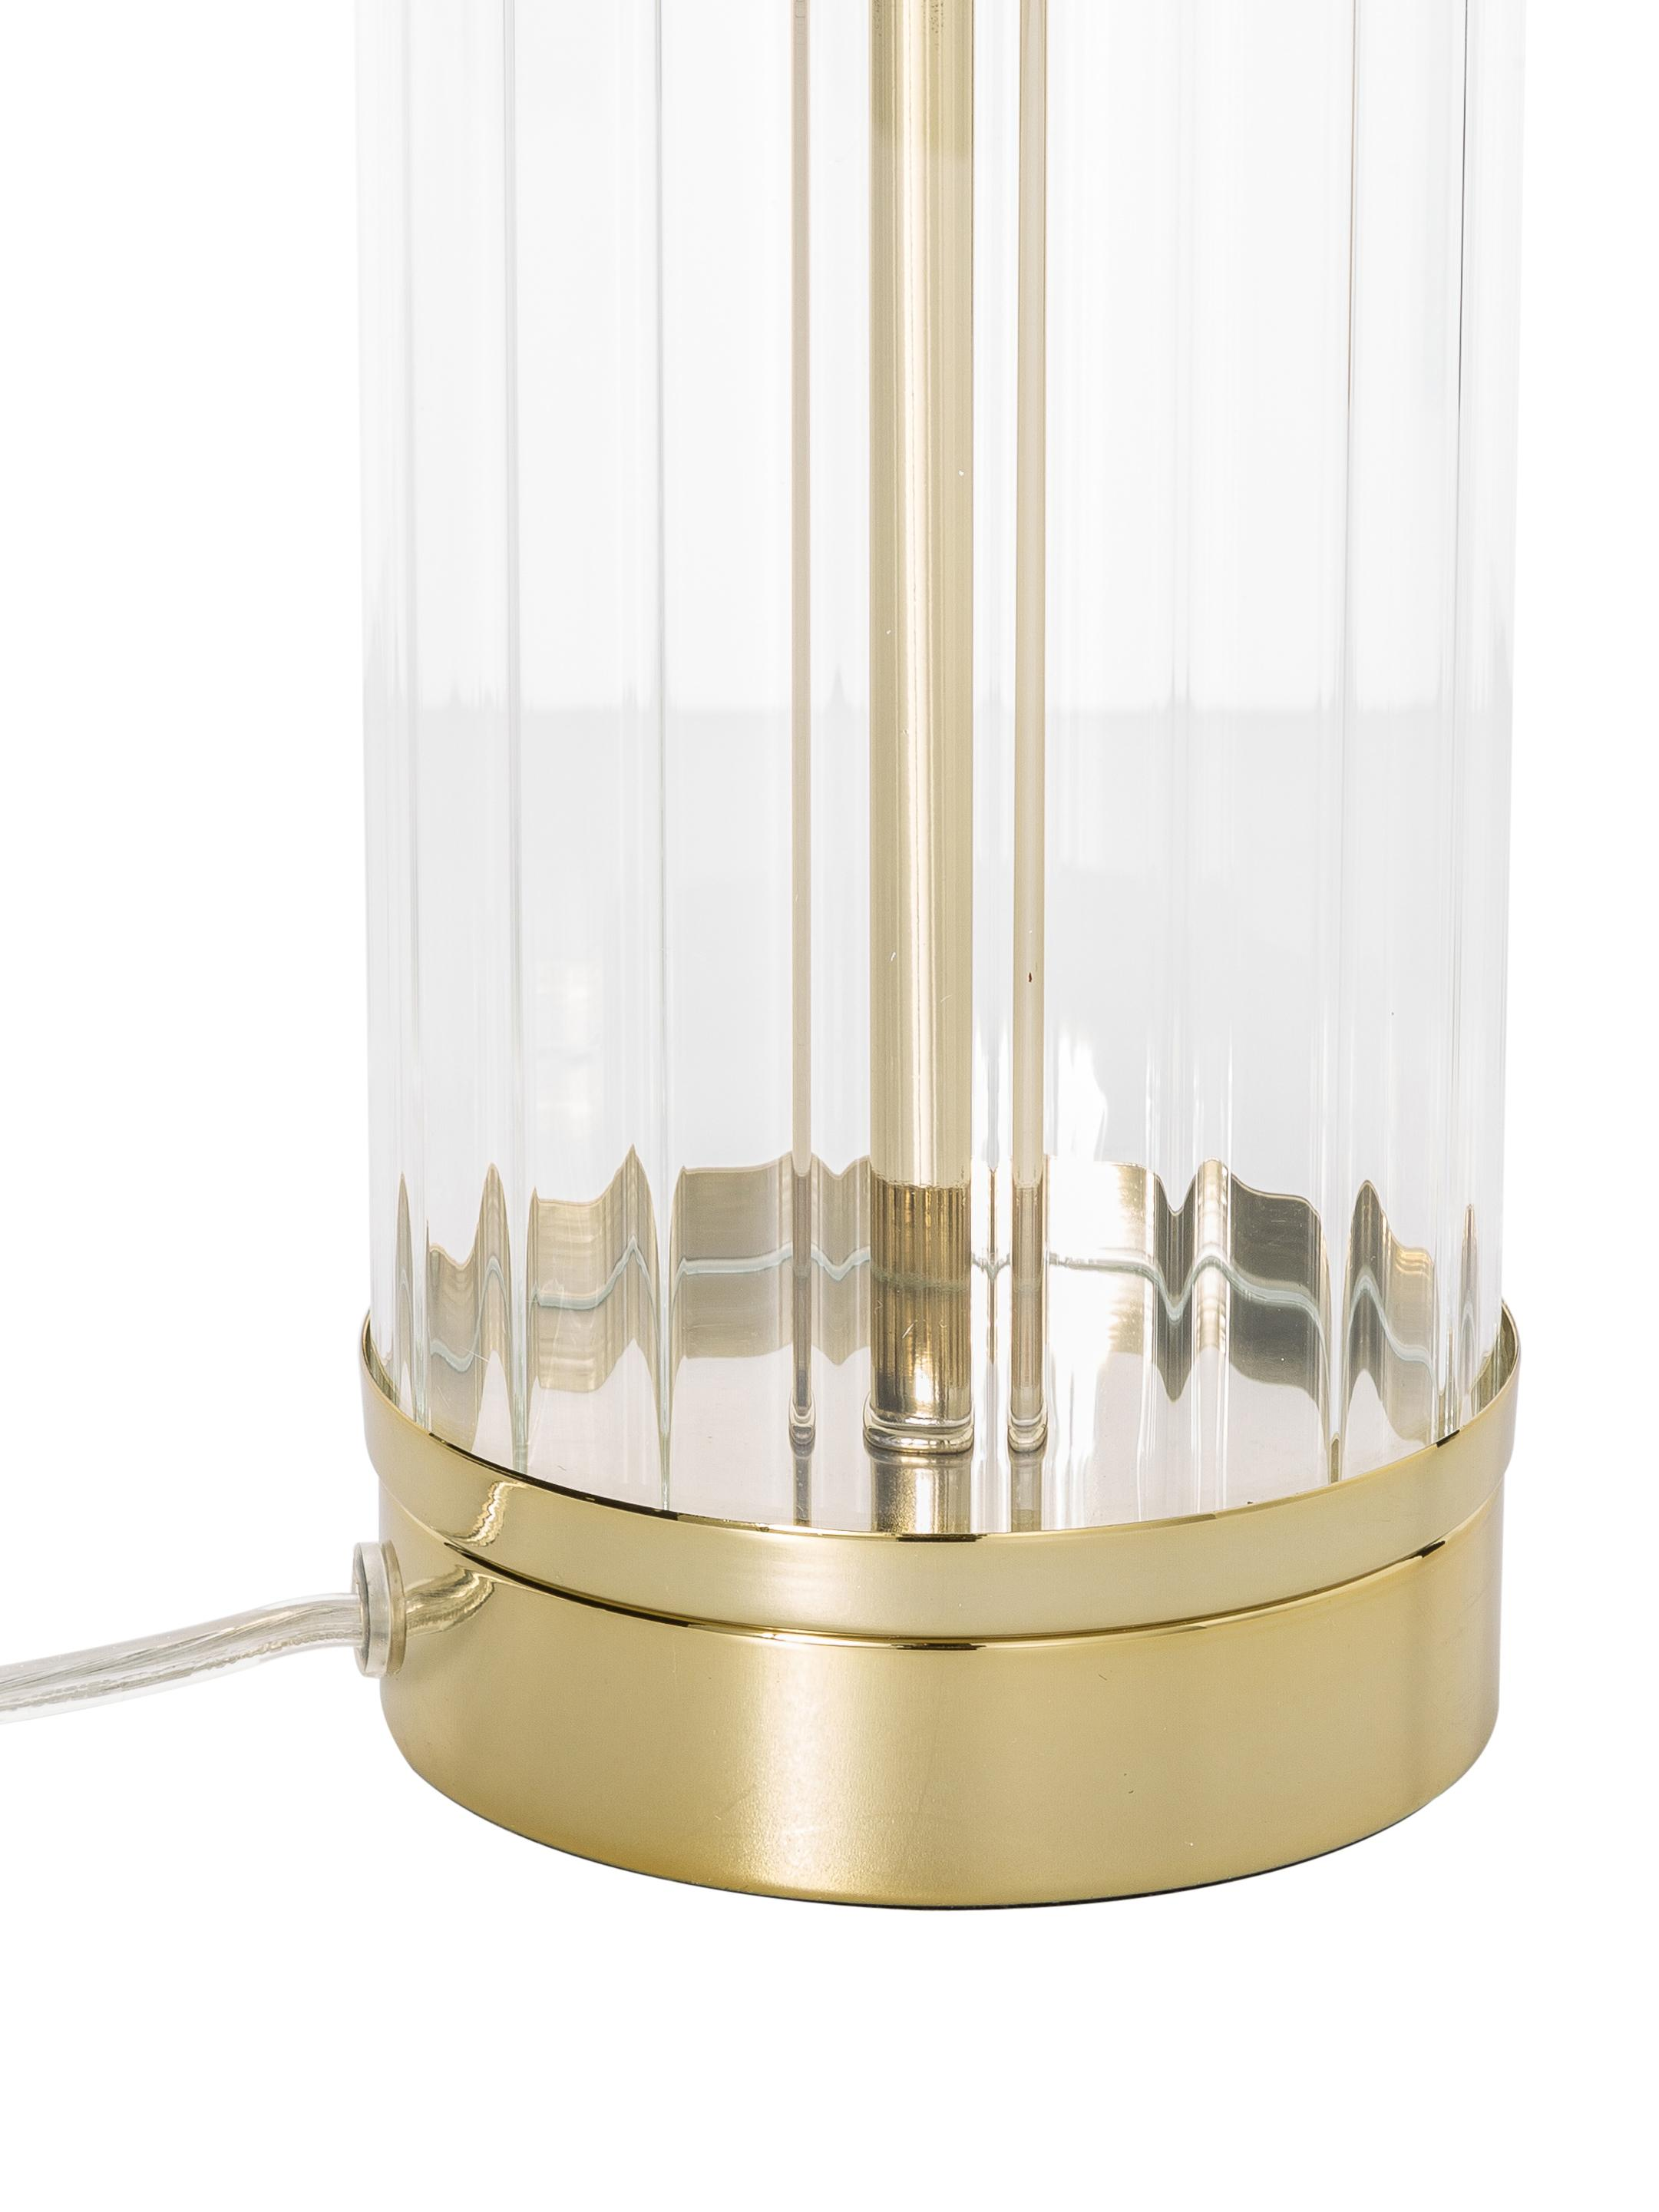 Lampa stołowa Gabor, Klosz: kremowy Podstawa lampy: odcienie złotego, Ø 35 x W 64 cm